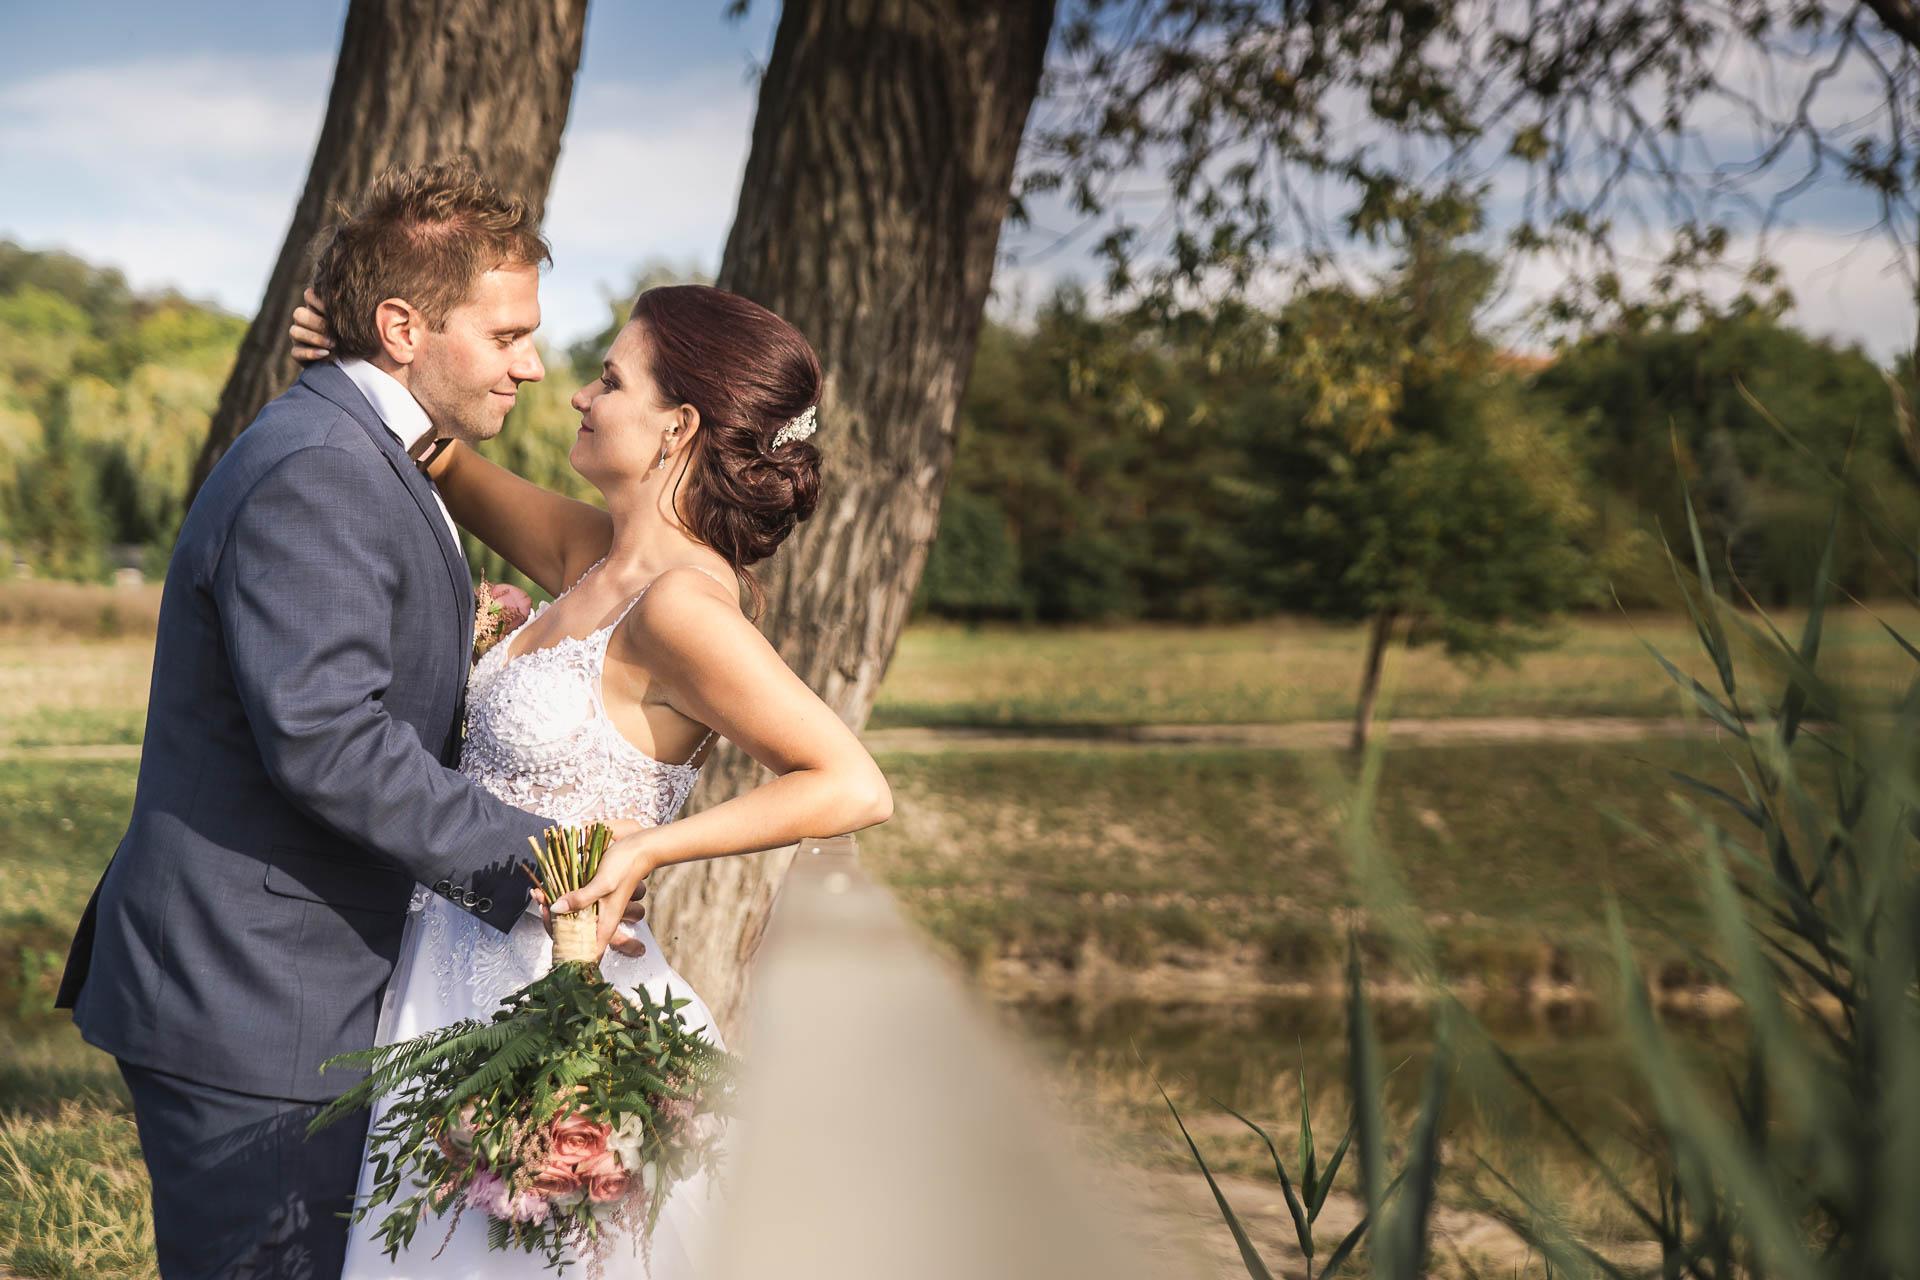 svatební-fotografie-Říp-svatební-video-ŘÍP-svatební-fotograf-ŘÍP-svatba-Mělník-svatba-Neratovice-fotograf-na-savtbu-kameraman-na-svatbu-375